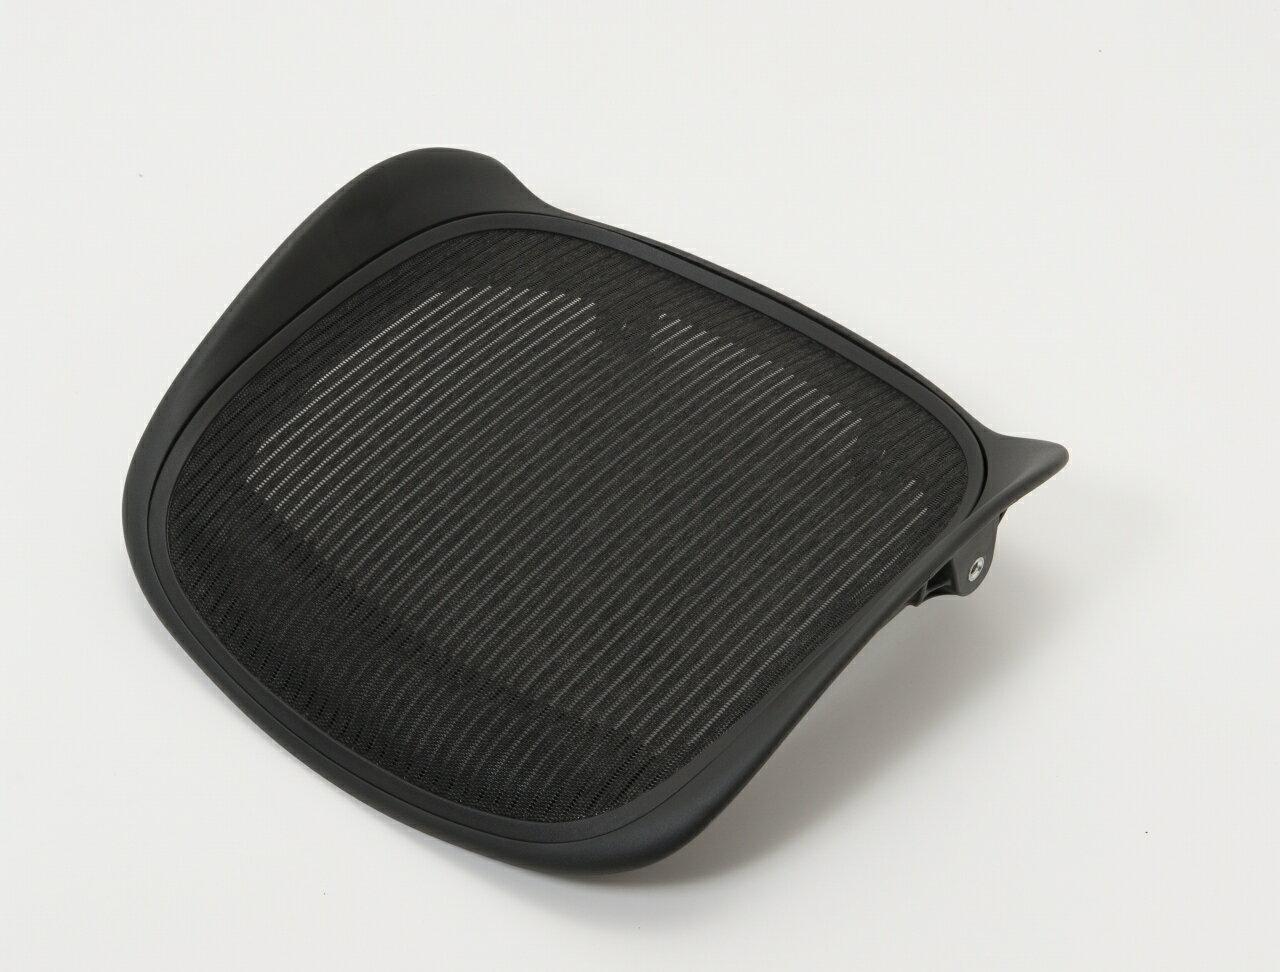 ハーマンミラー アーロンチェア 交換用座面メッシュフレーム Bサイズ Aサイズ 修理 故障 保証 シートパン シートメッシュ 純正品 へたり ネット メッシュ